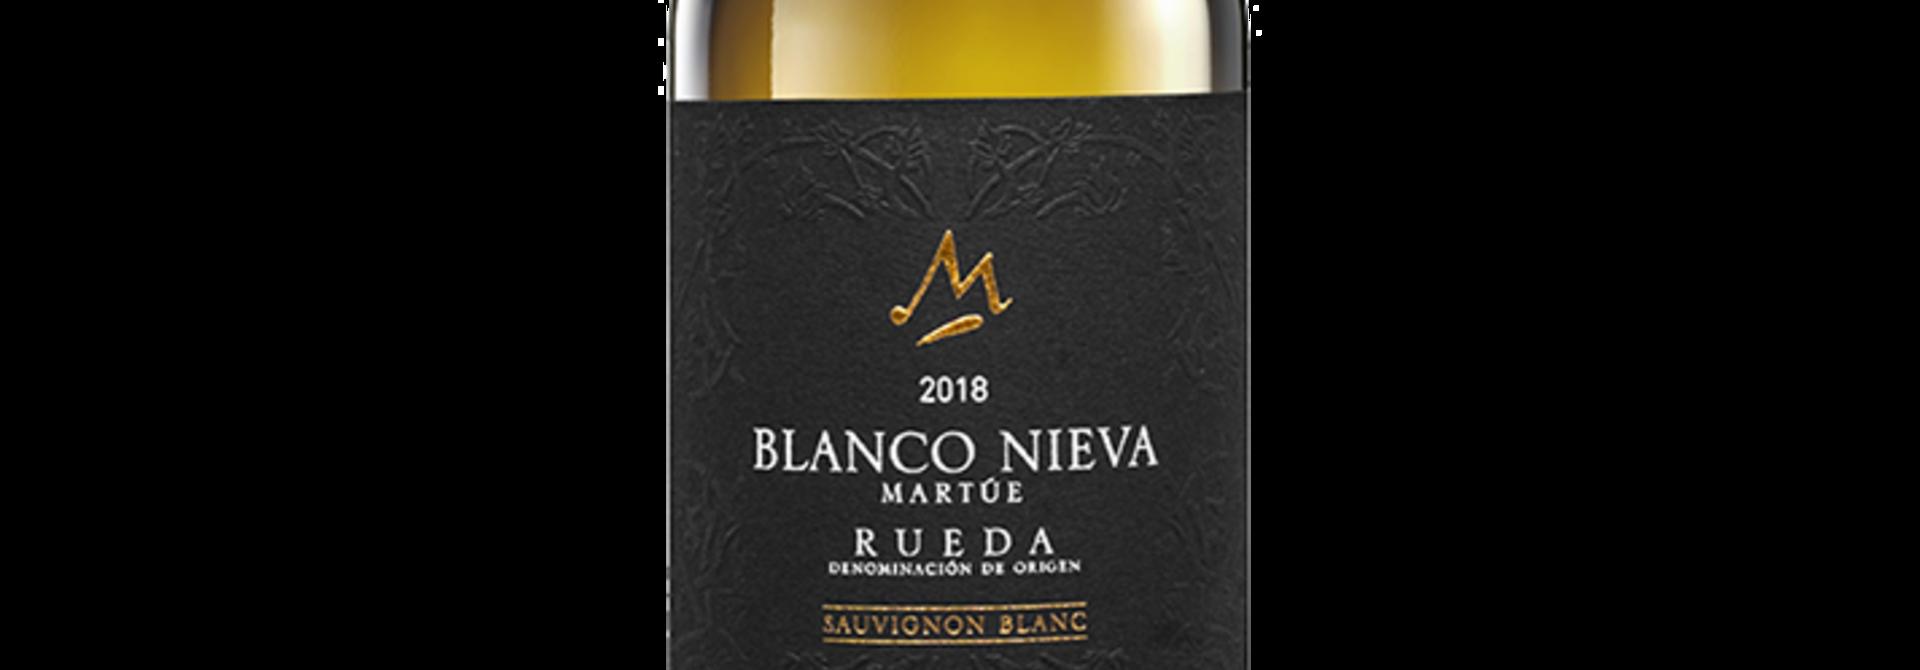 Blanco Nieva Sauvignon 2018